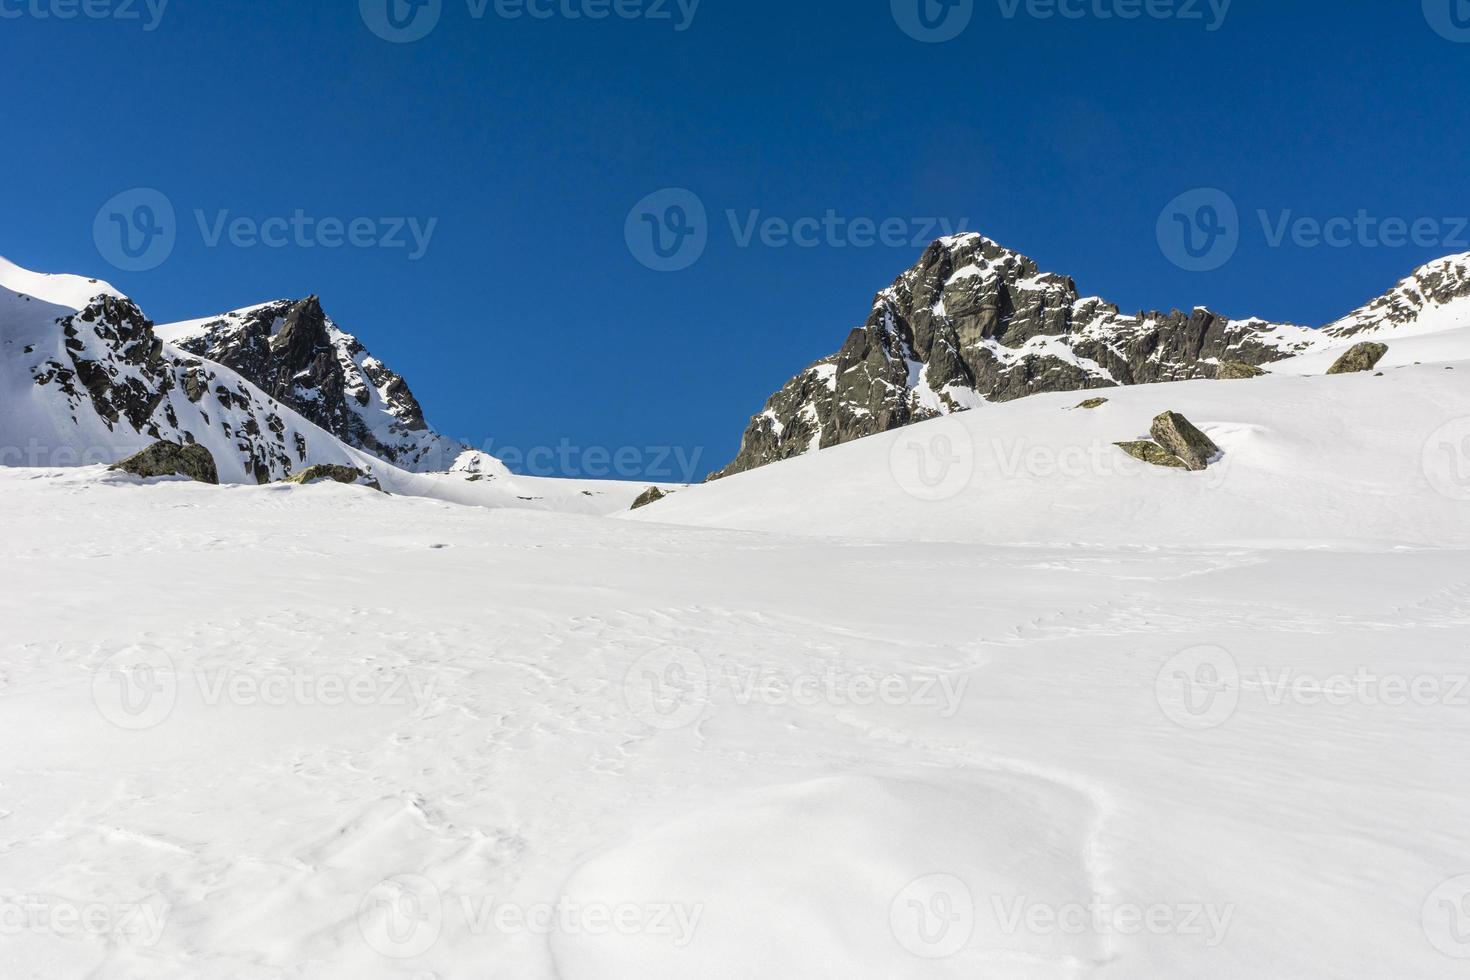 clima de montanha cru no inverno foto